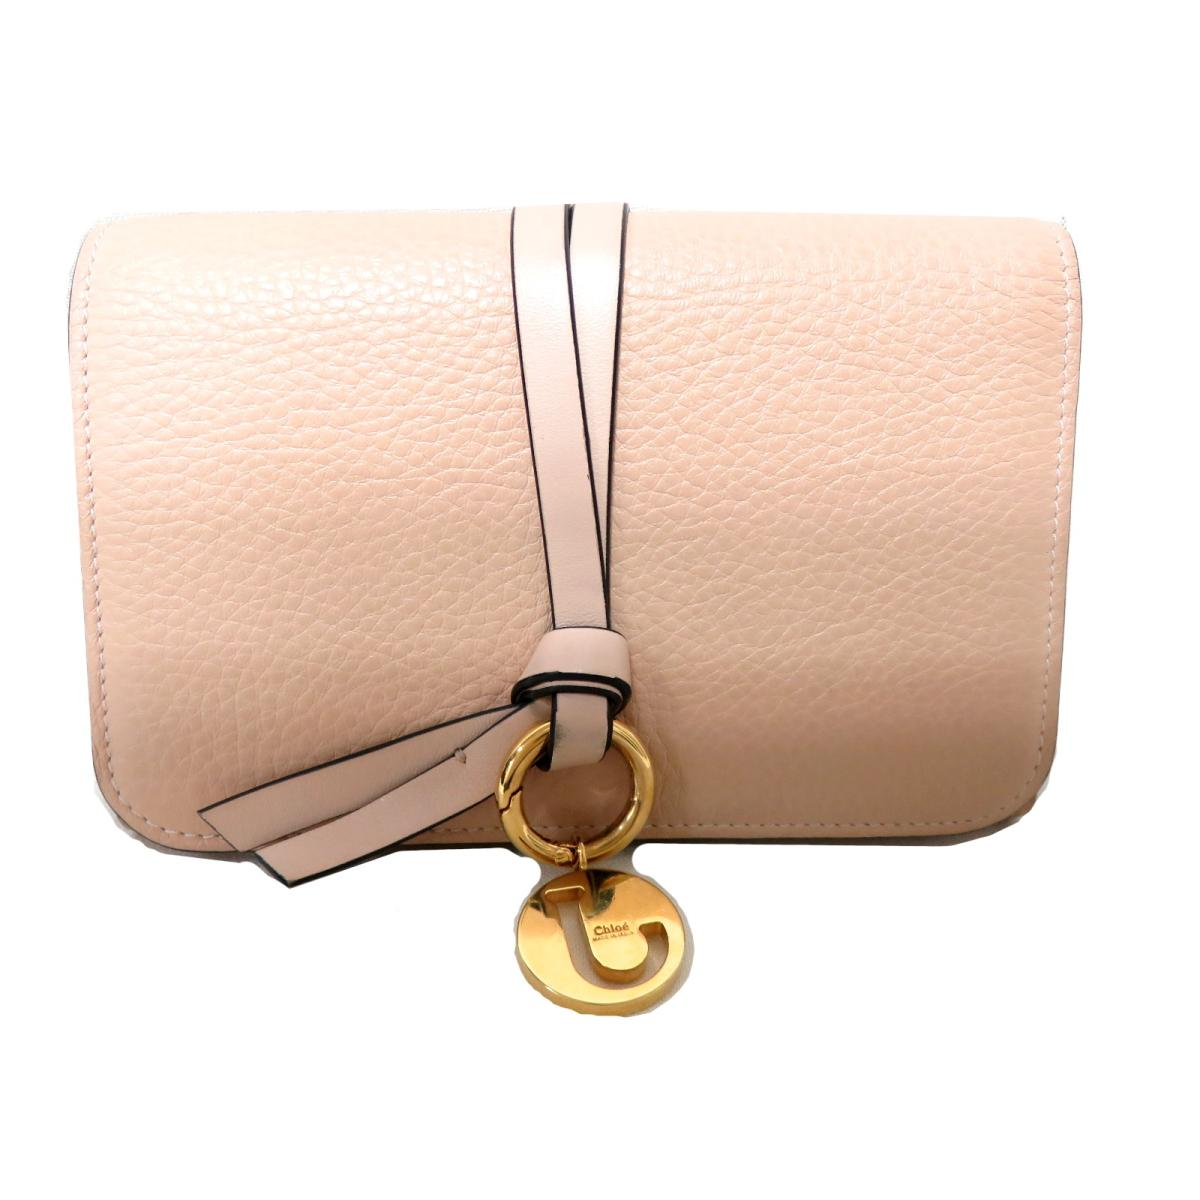 クロエ 財布 レディース